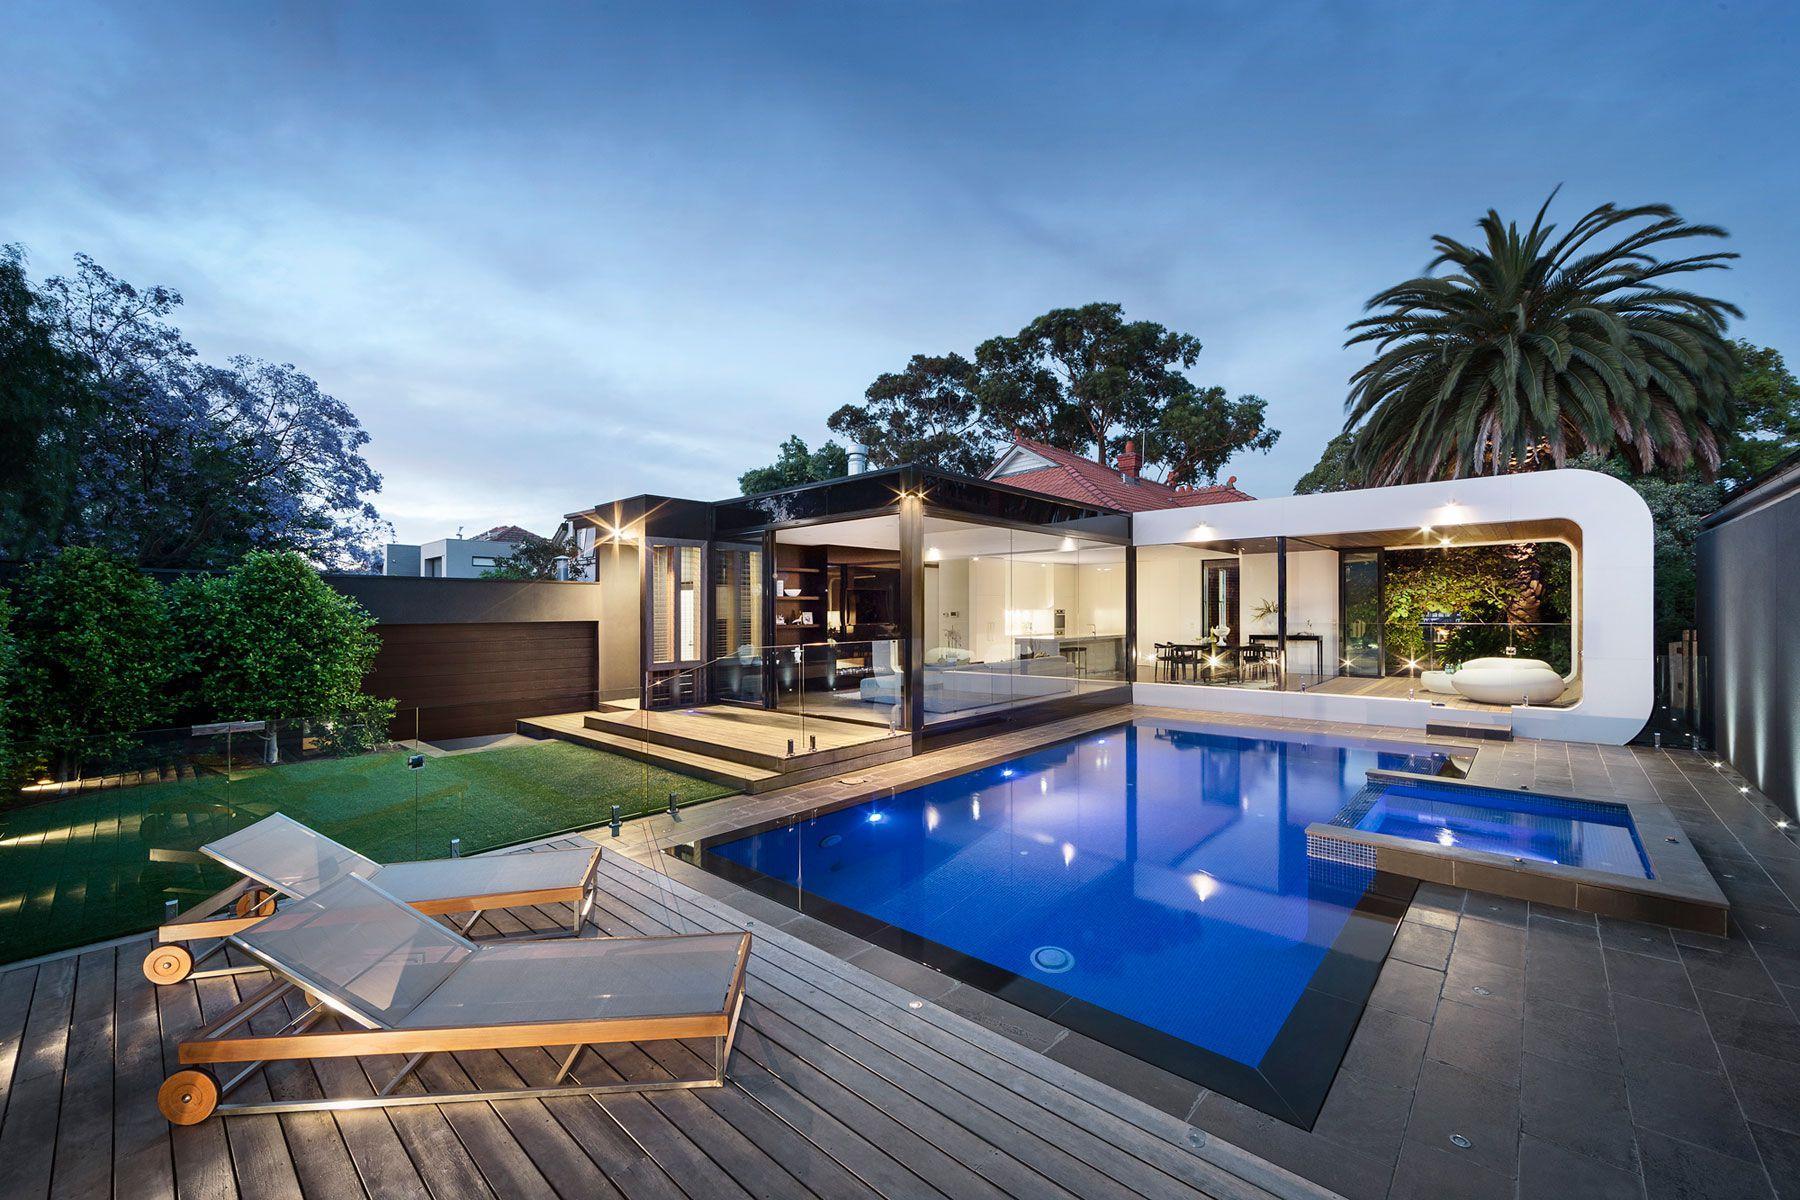 Modern-Curva-House-16-1